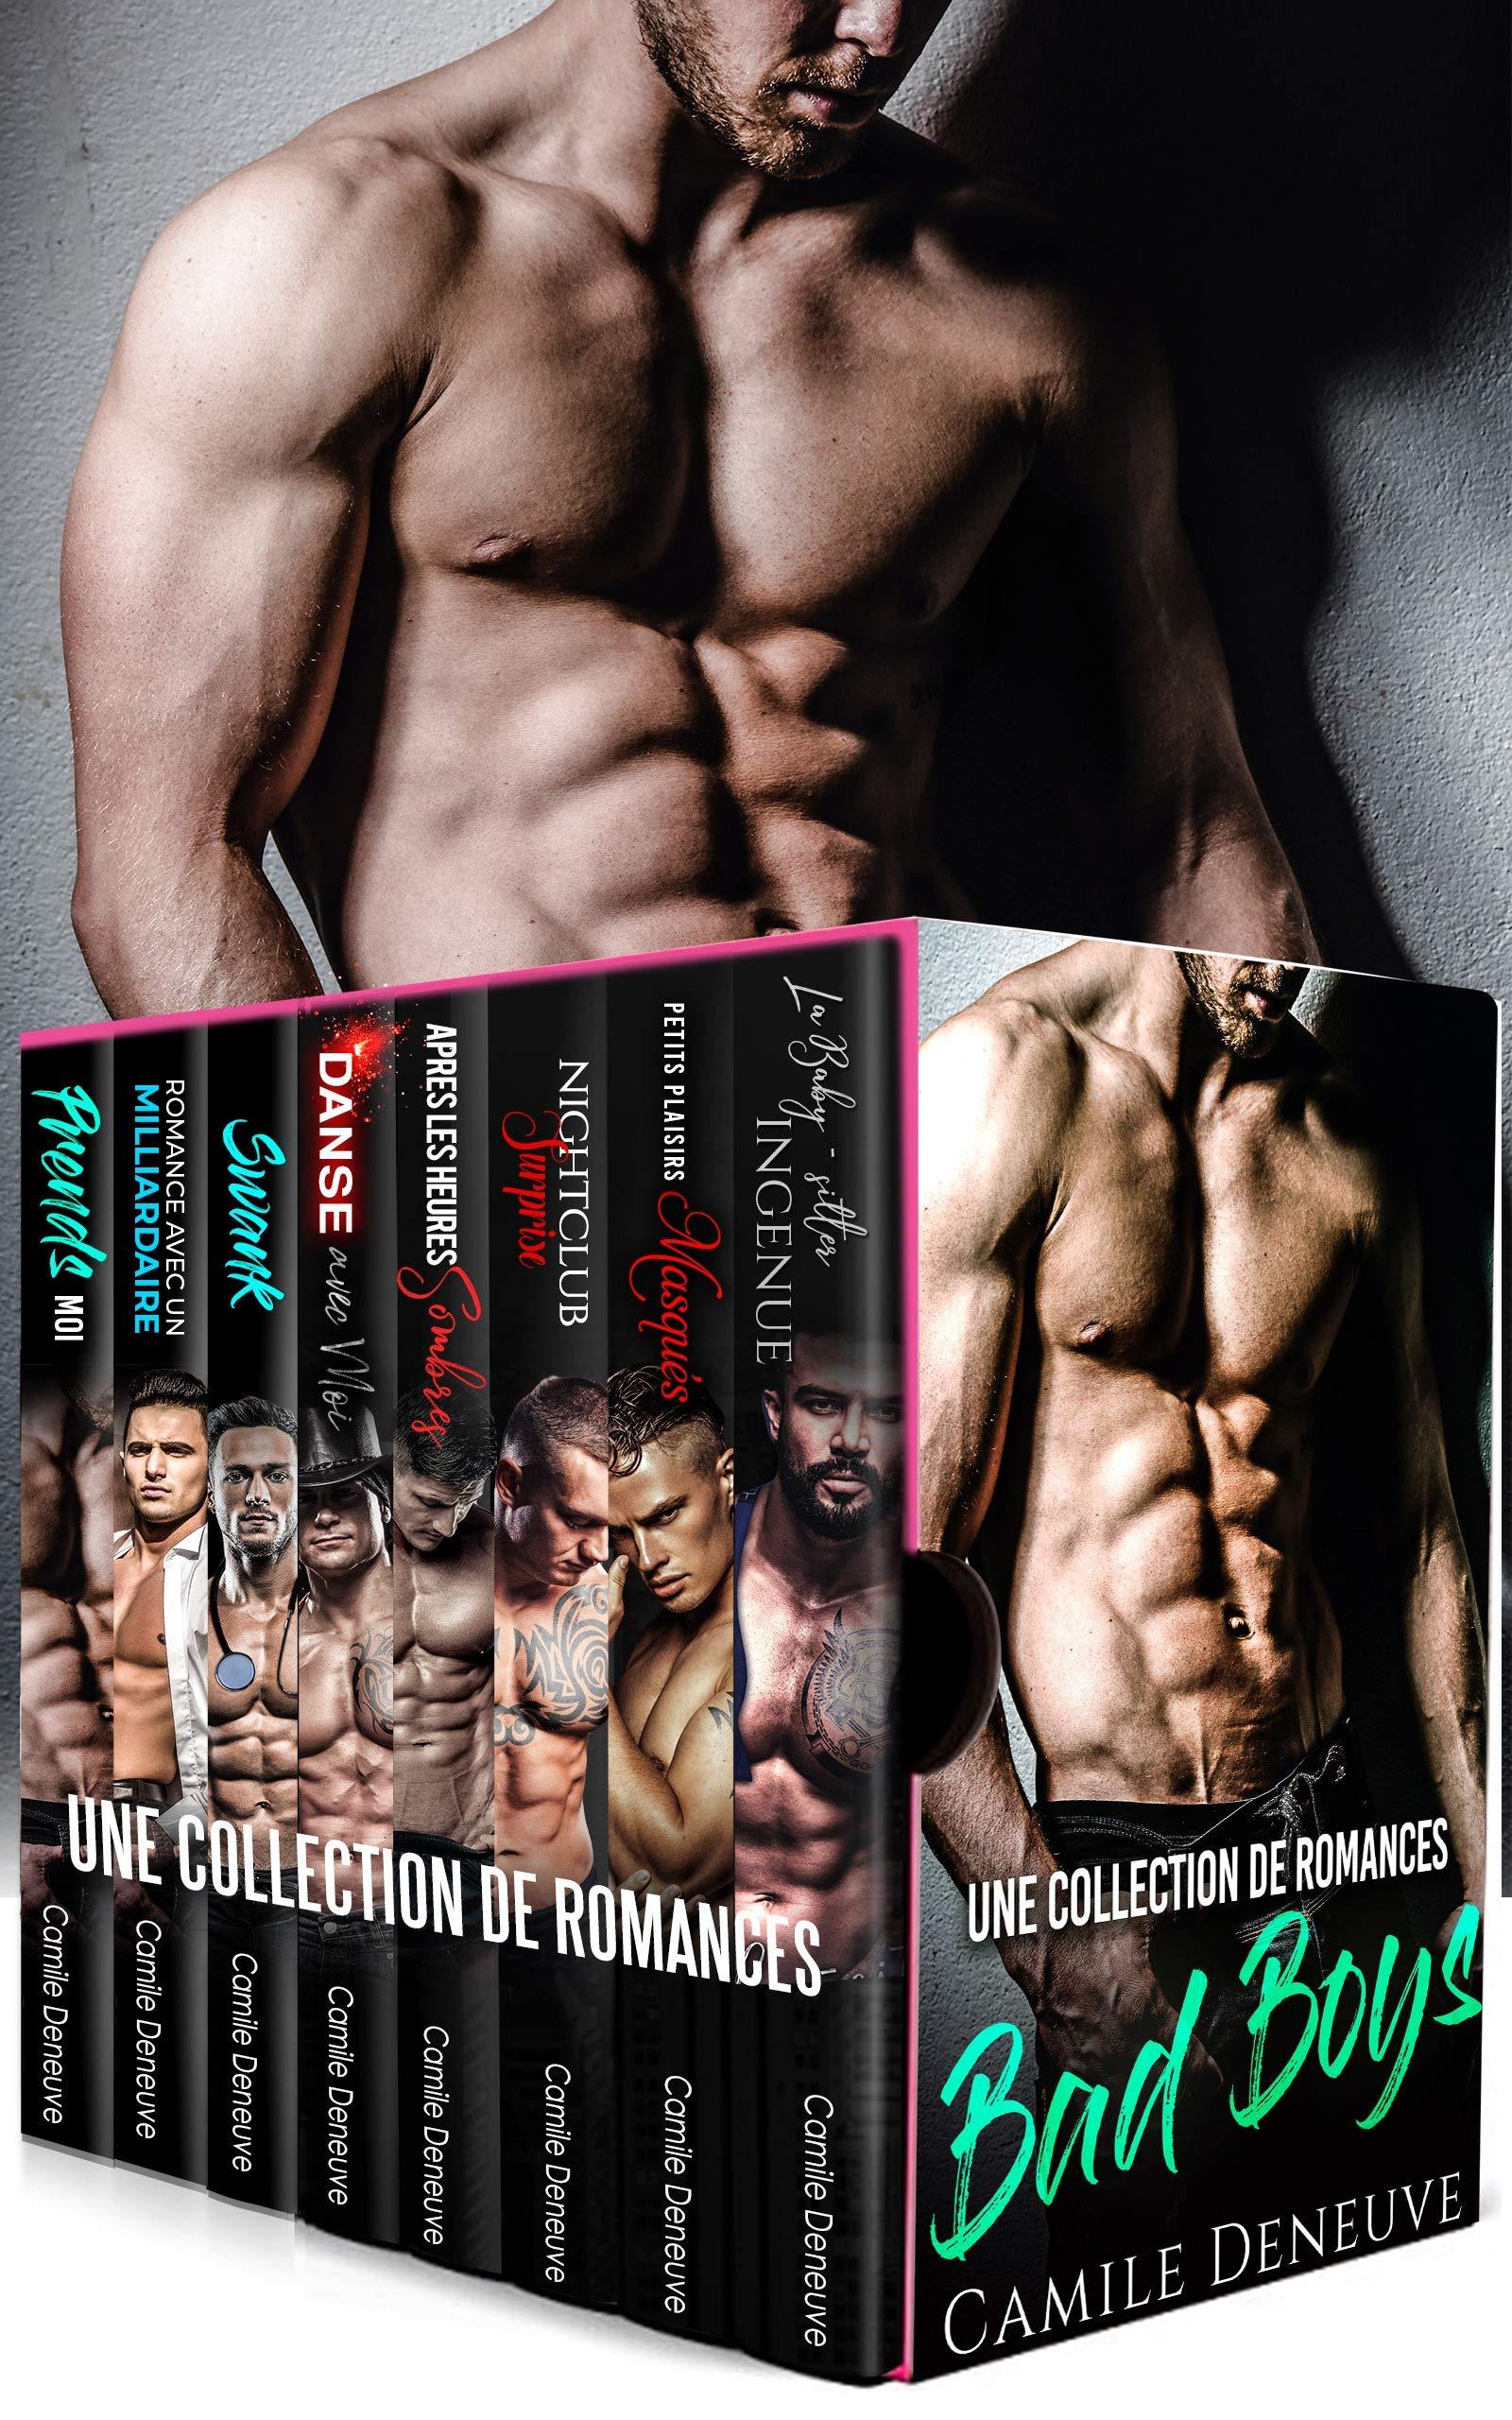 Bad Boys: Une Collection de Romances (French Edition)